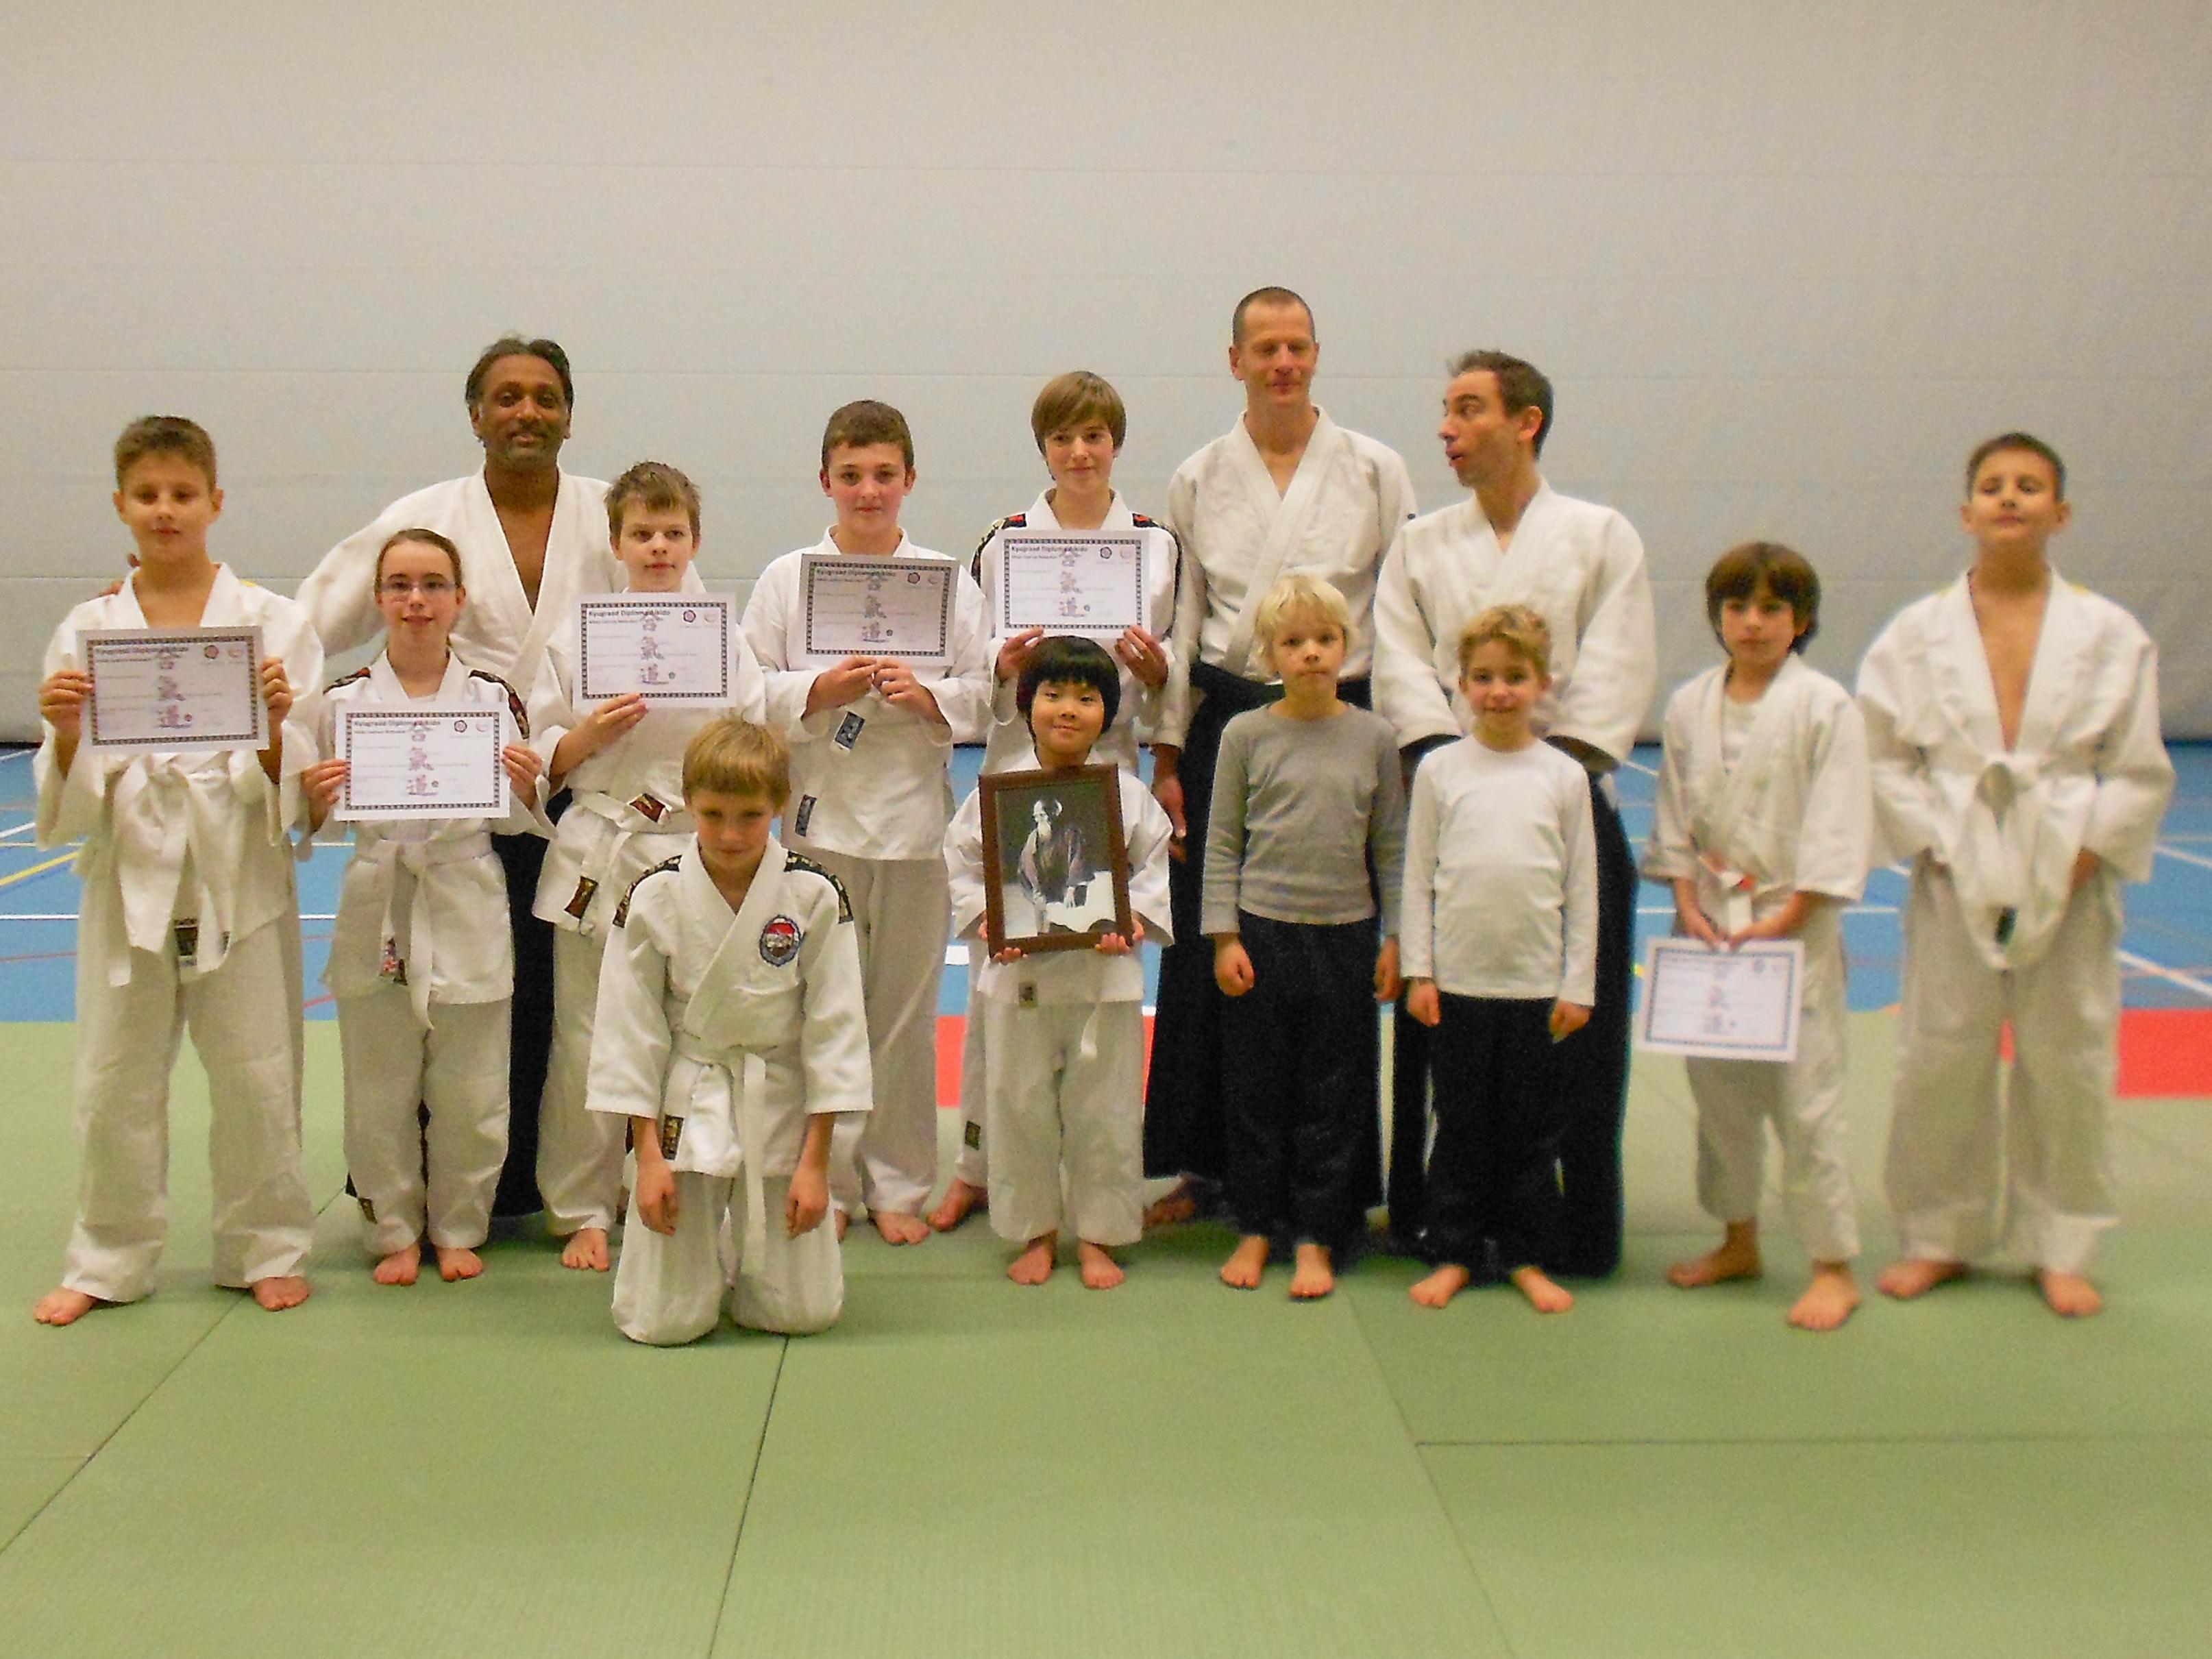 Geslaagden uit de kinder- en jeugdgroep van Aikido Centrum Rotterdam (Januari 2013)